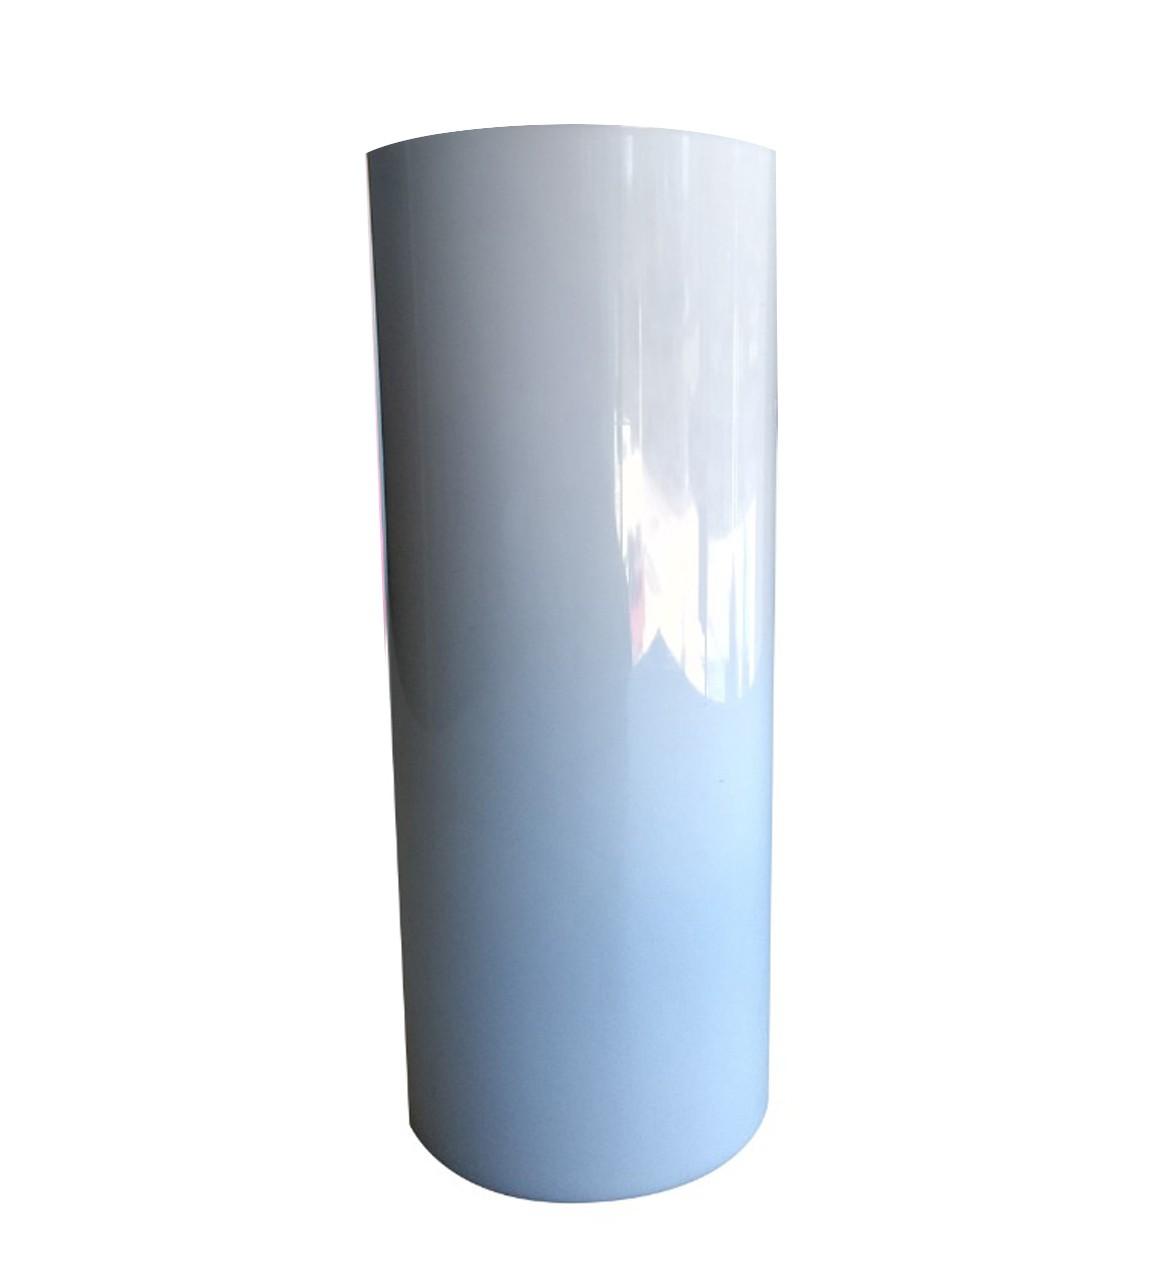 Copo long drink sublimático 320ml - Branco  - ECONOMIZOU